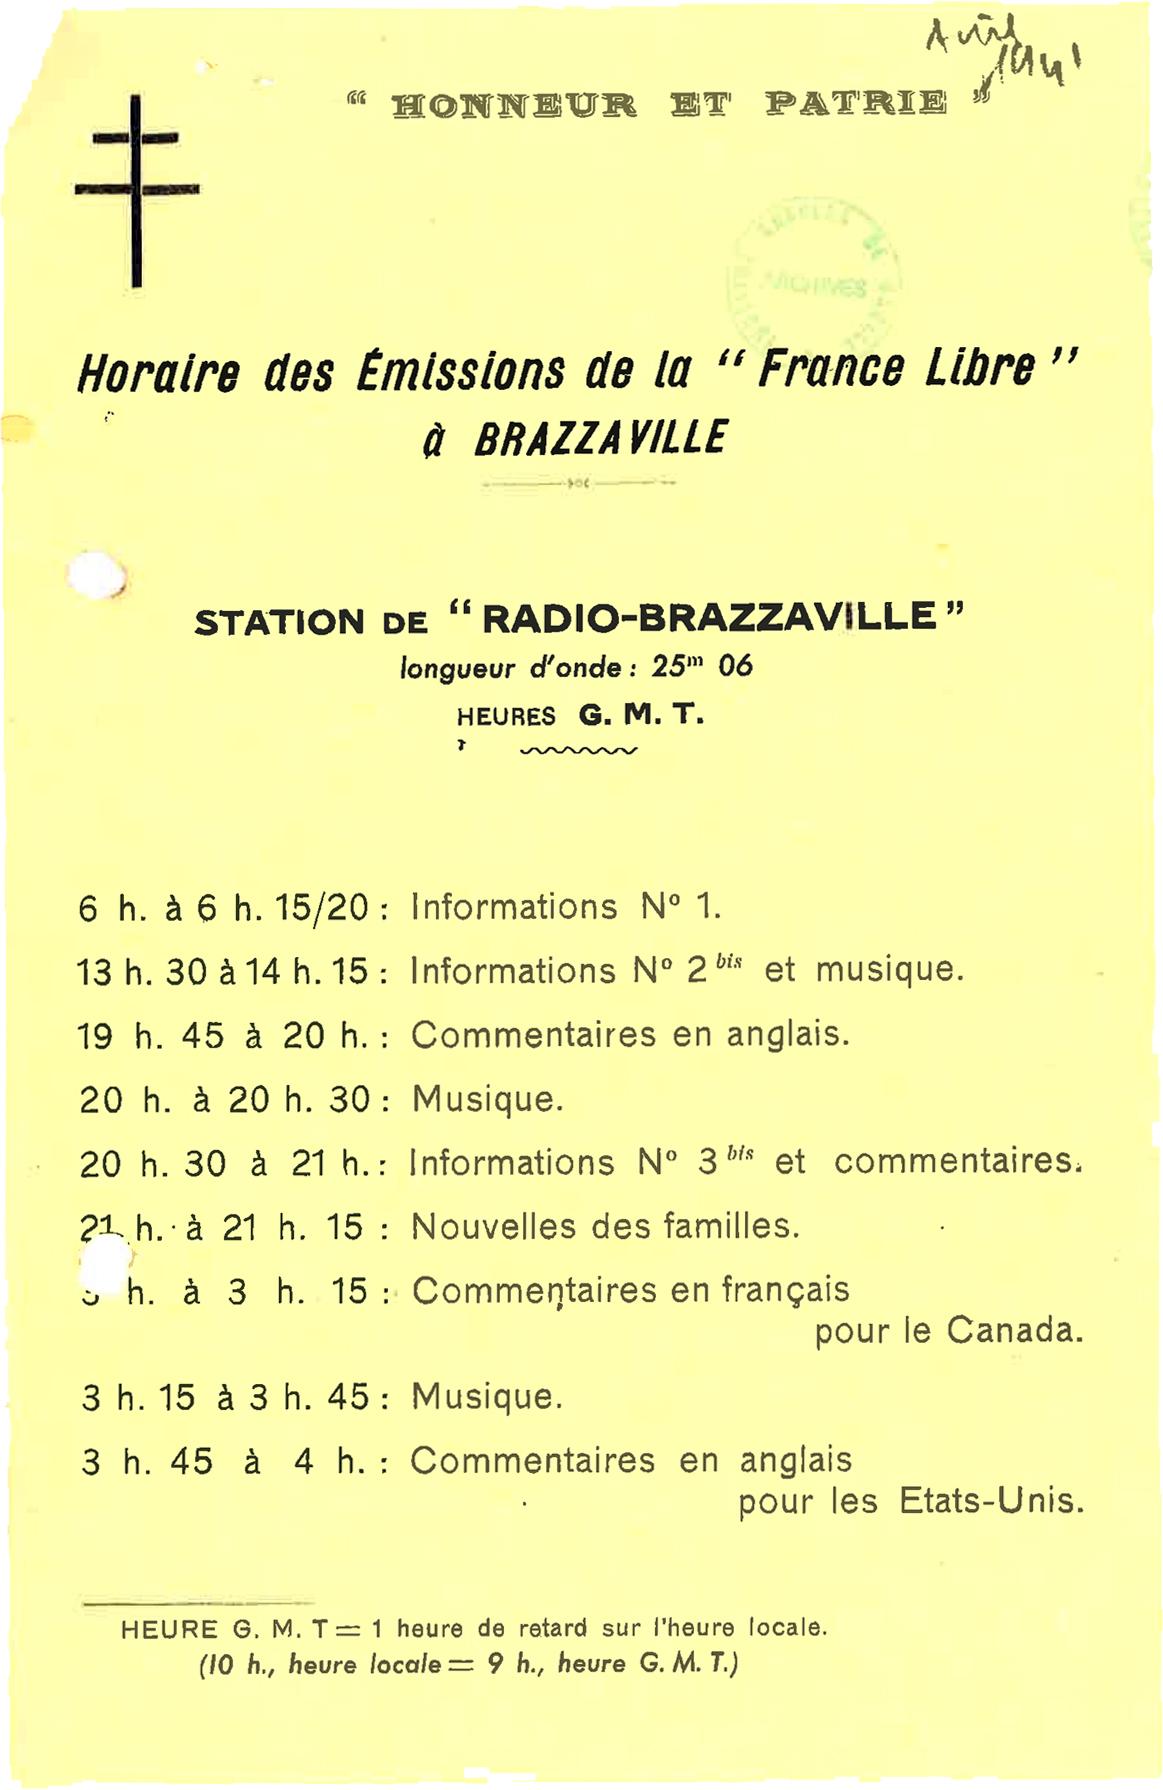 Horaires des émissions de Radio-Brazzaville, avril 1941